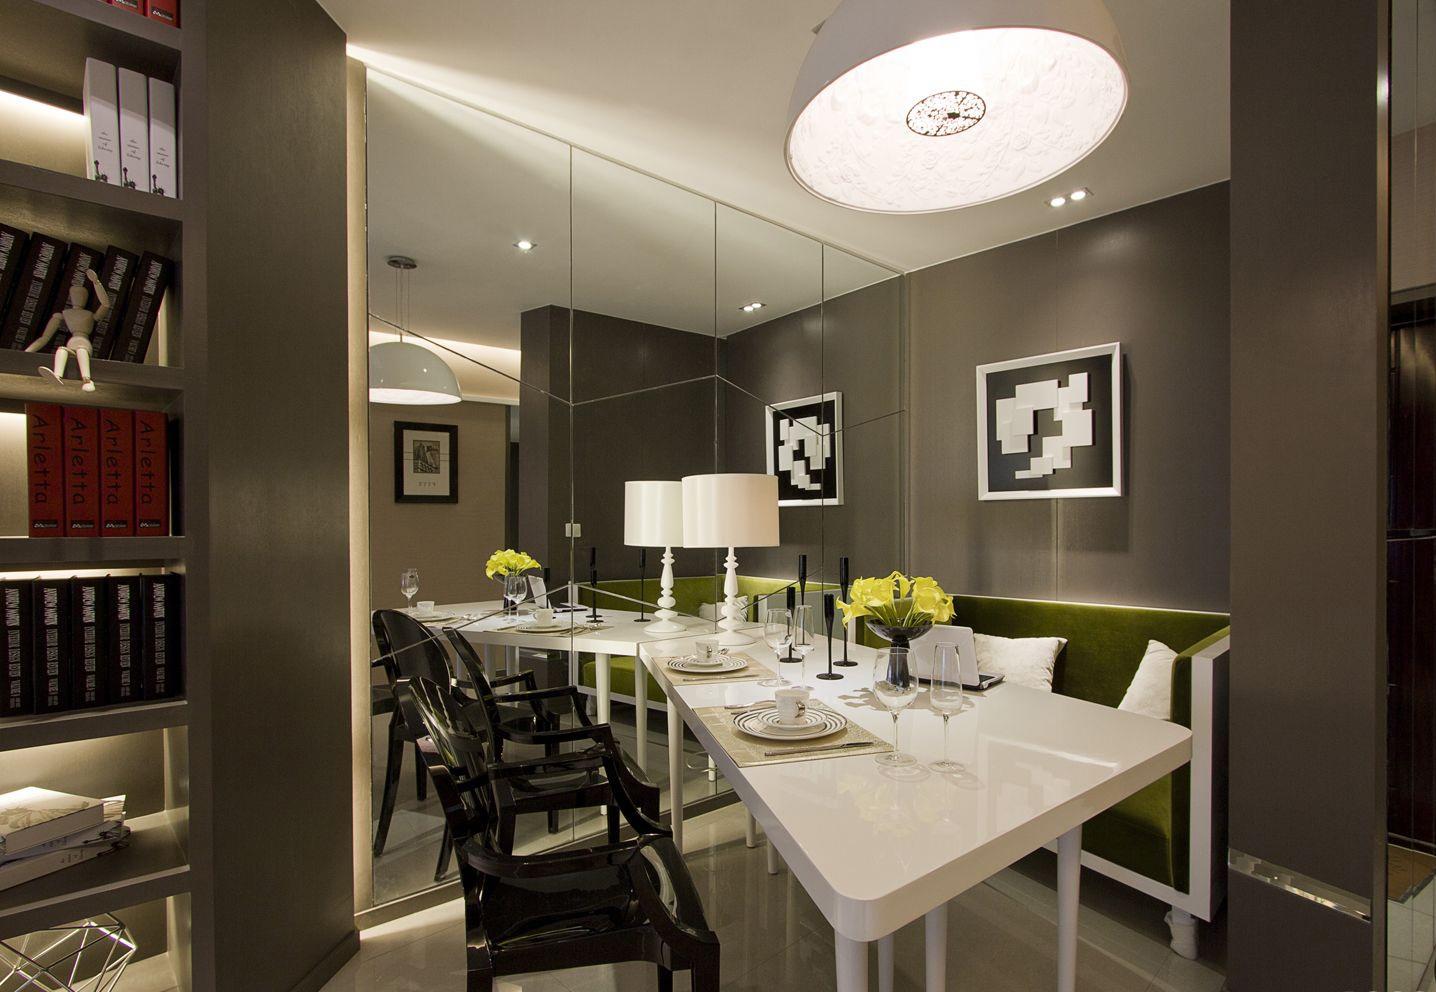 餐厅也是不规则形状,餐厅侧面是一面镜子,很是典雅,木质的桌椅,更好的方便大家饮食